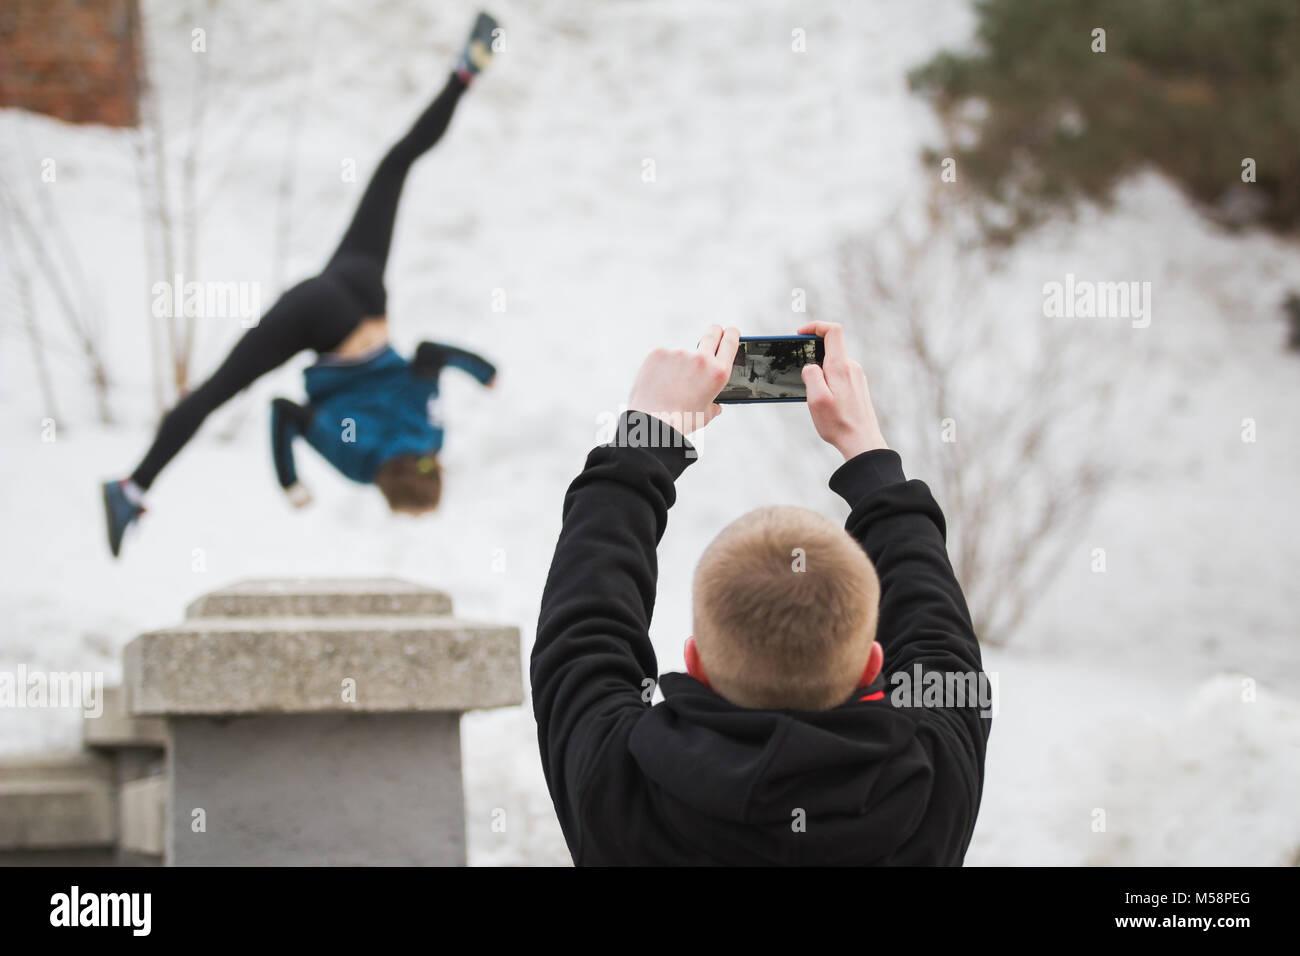 Teenager macht Foto auf dem Smartphone an akrobatischen Sprung Mädchen im Winter City Park - parkour Konzept Stockbild